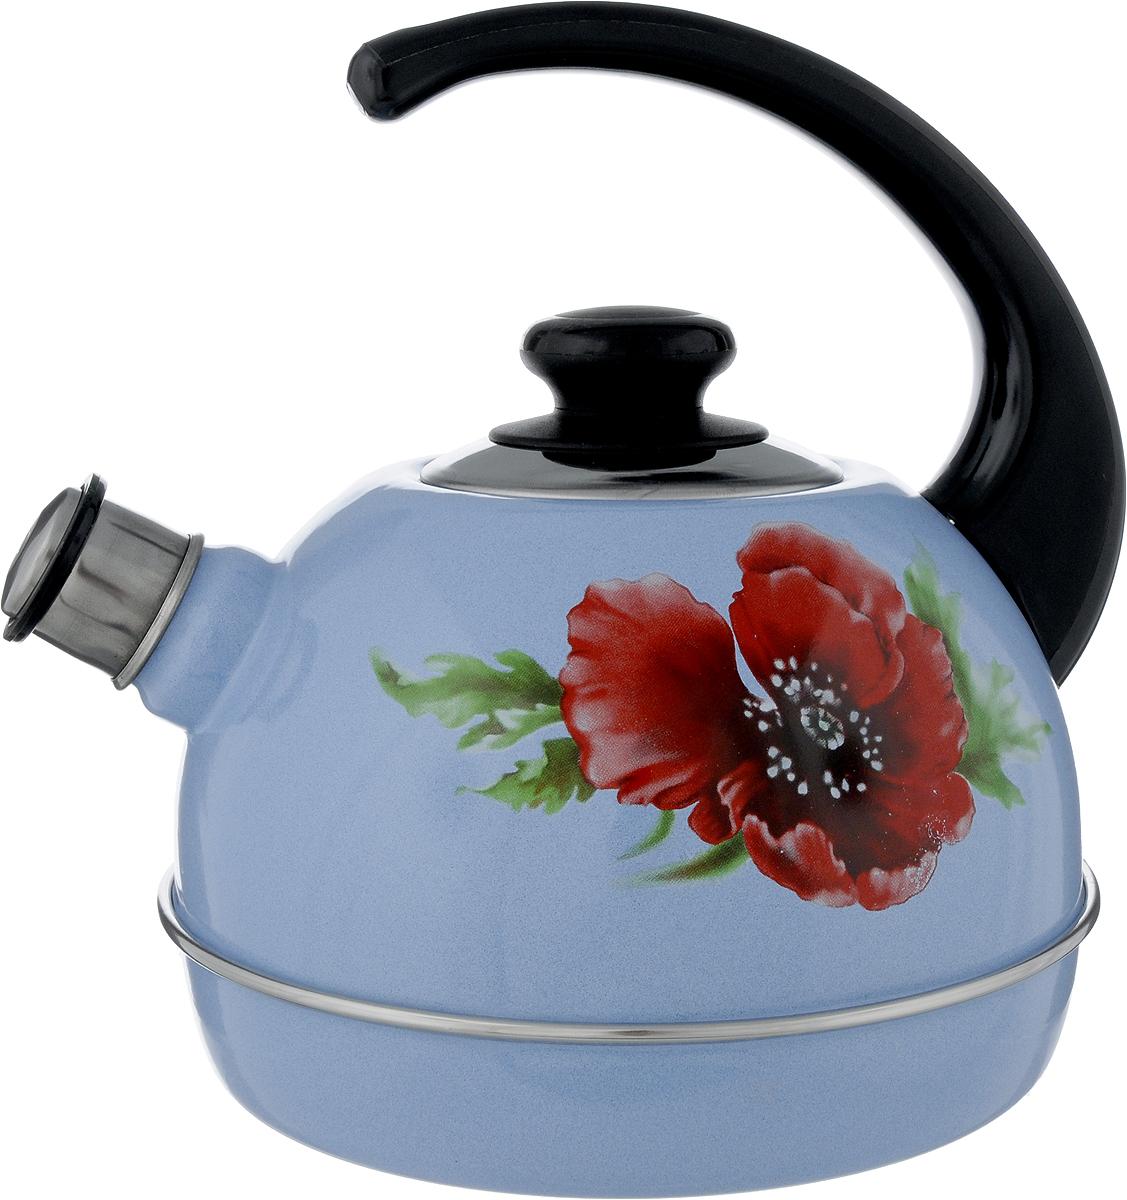 Чайник эмалированный Рубин Маковый цветок, со свистком, 3,5 лT04/35/09/04Чайник Рубин Маковый цветок выполнен из высококачественного стального проката, что обеспечивает долговечность использования. Внешнее трехслойное эмалевое покрытие Mefrit не вступает во взаимодействие с пищевыми продуктами. Такое покрытие защищает сталь от коррозии, придает посуде гладкую стекловидную поверхность и надежно защищает от кислот и щелочей. Чайник оснащен фиксированной ручкой из пластика и крышкой, которая плотно прилегает к краю. Носик чайника оснащен съемным свистком, звуковой сигнал которого подскажет, когда закипит вода. Можно мыть в посудомоечной машине. Пригоден для всех видов плит, включая индукционные. Высота чайника (с учетом ручки): 24 см. Высота чайника (без учета крышки и ручки): 14 см. Диаметр по верхнему краю: 8,7 см.